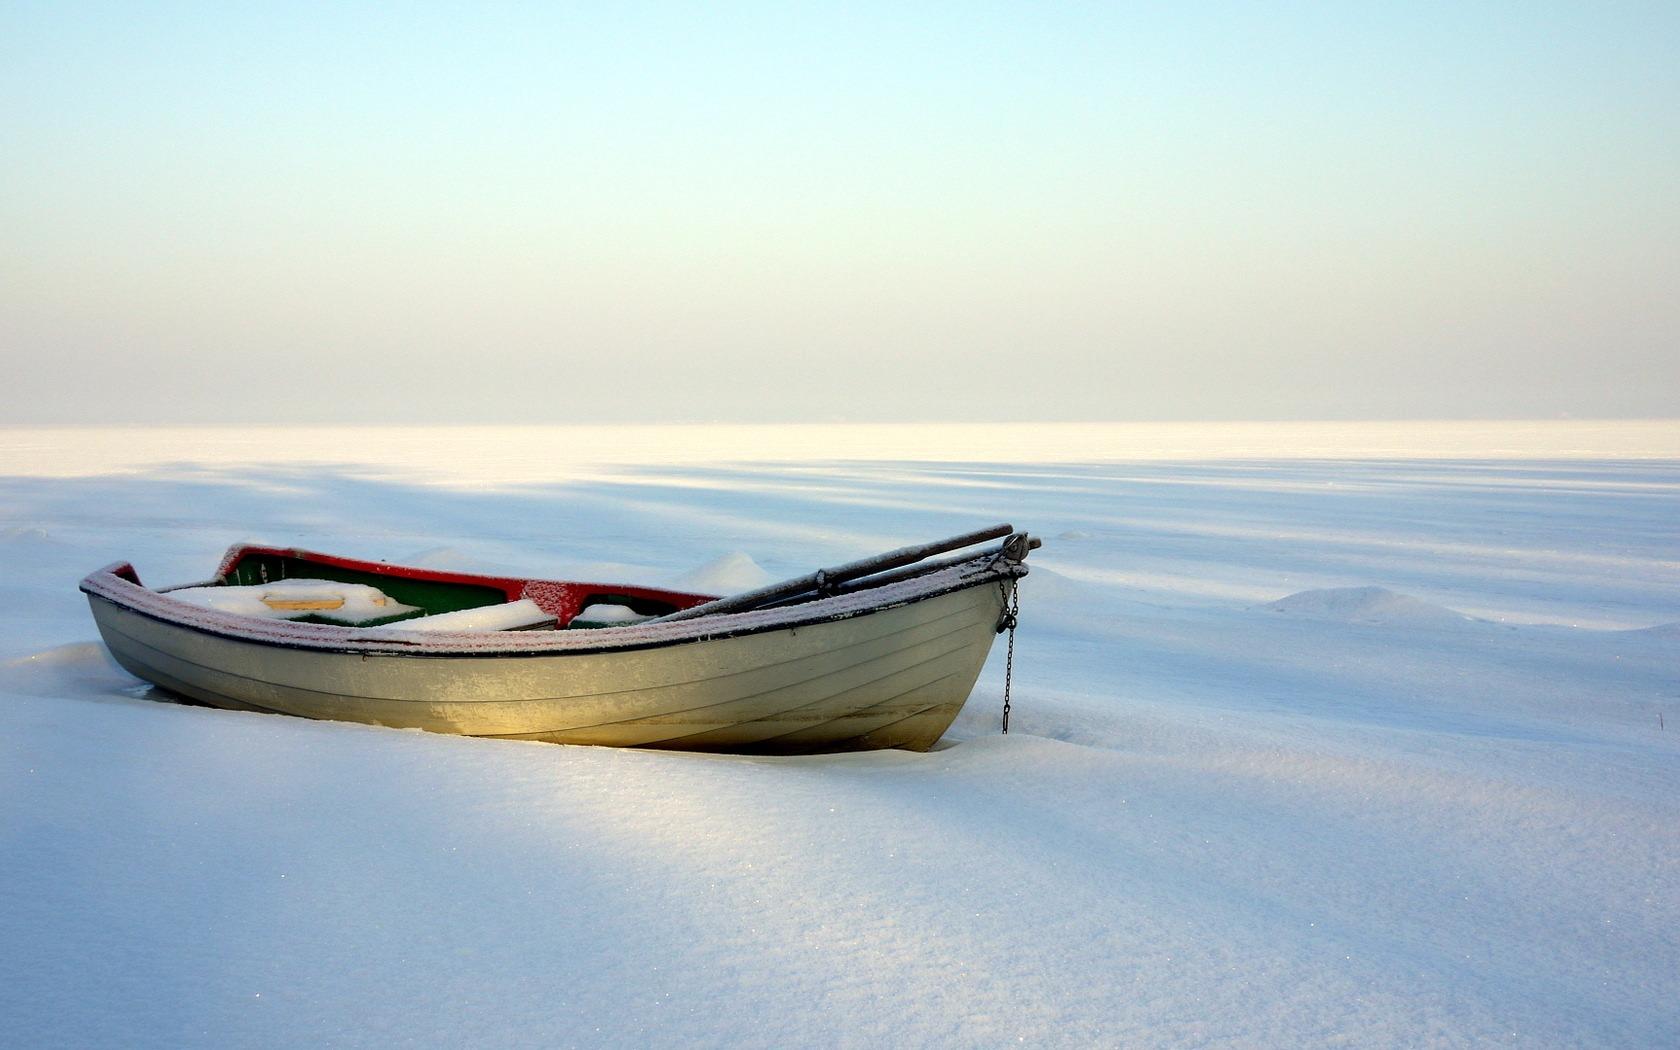 Romantischer Anblick, doch einem Boot tut diese Art von Winterlager auf Dauer nicht gut. Foto: www.ihyaca.wordpress.com